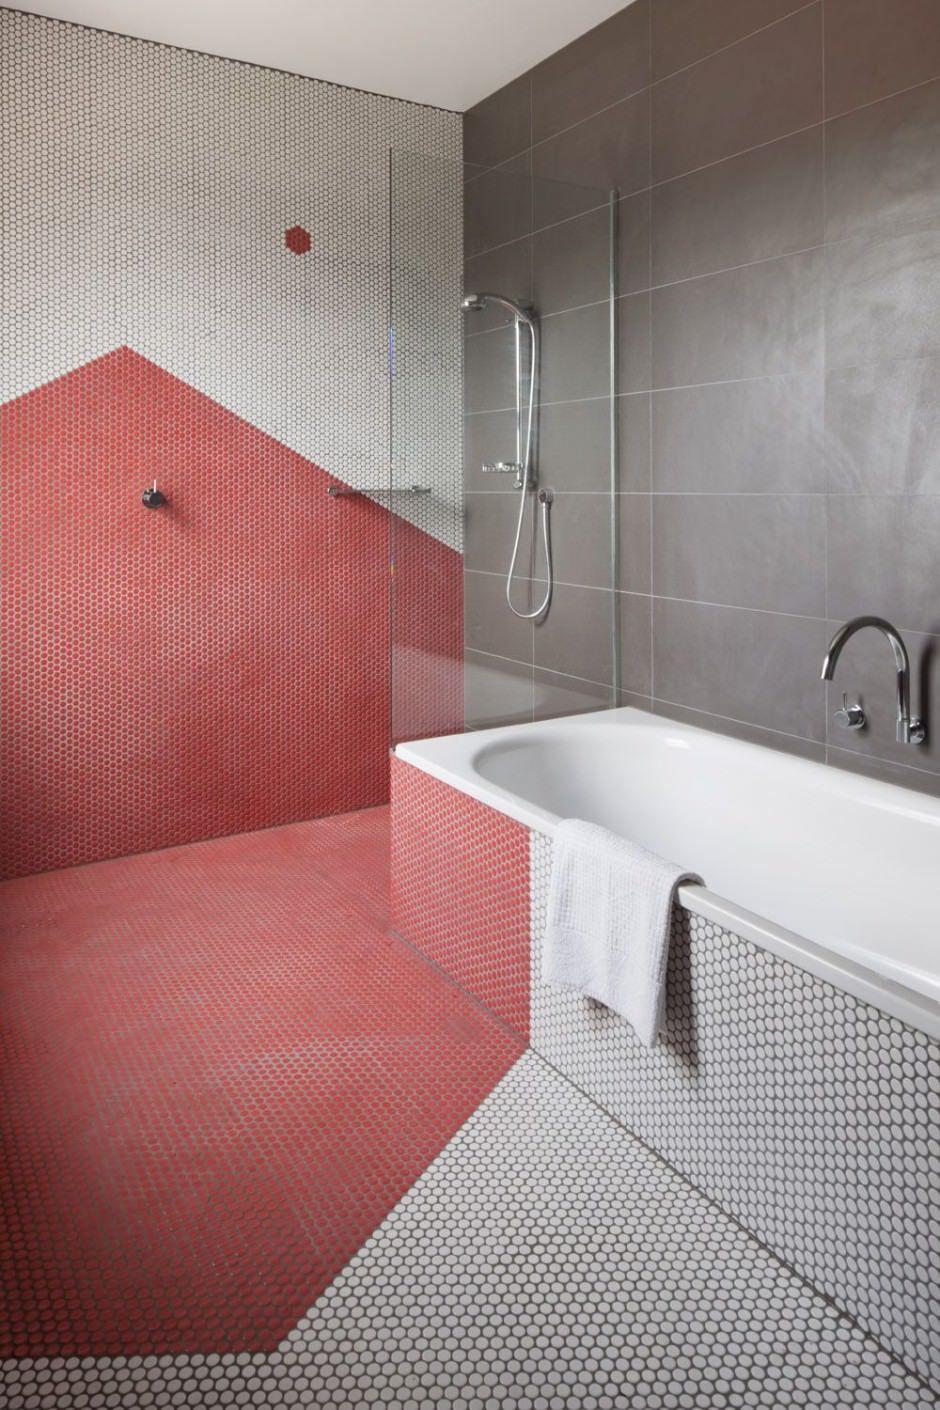 Bagno Con Mosaico Bianco mosaico bagno • 100 idee per rivestire con stile bagni